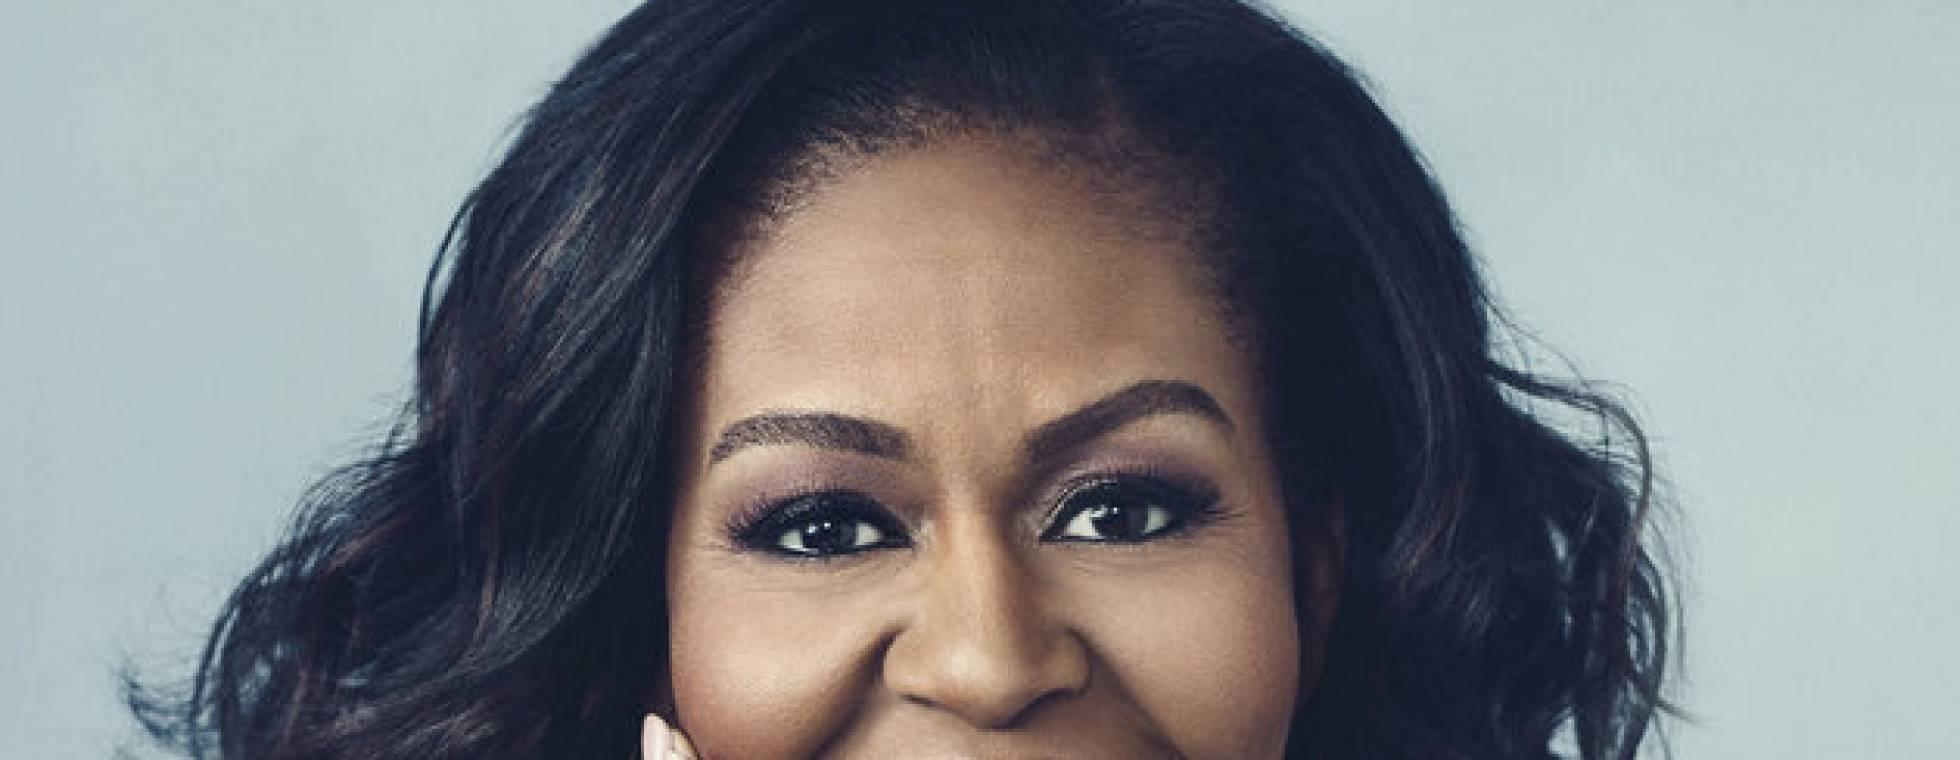 Kopf von Michelle Obama